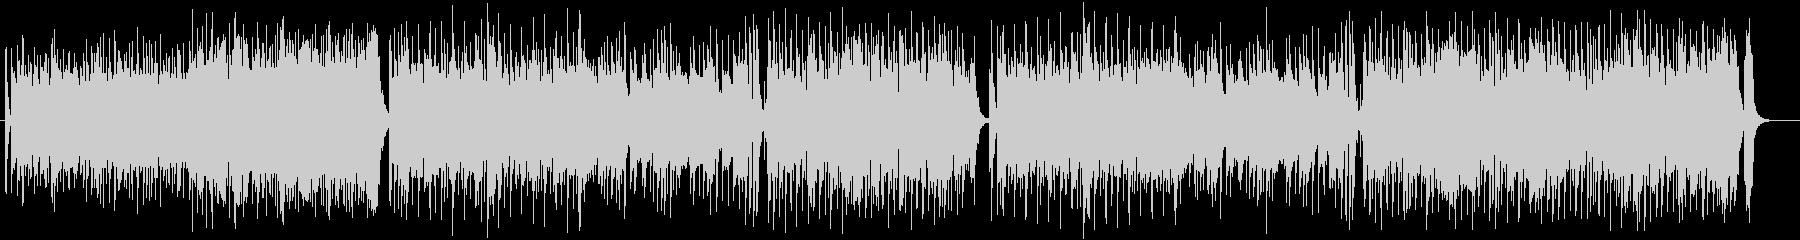 躍動感のあるテクノポップスの未再生の波形